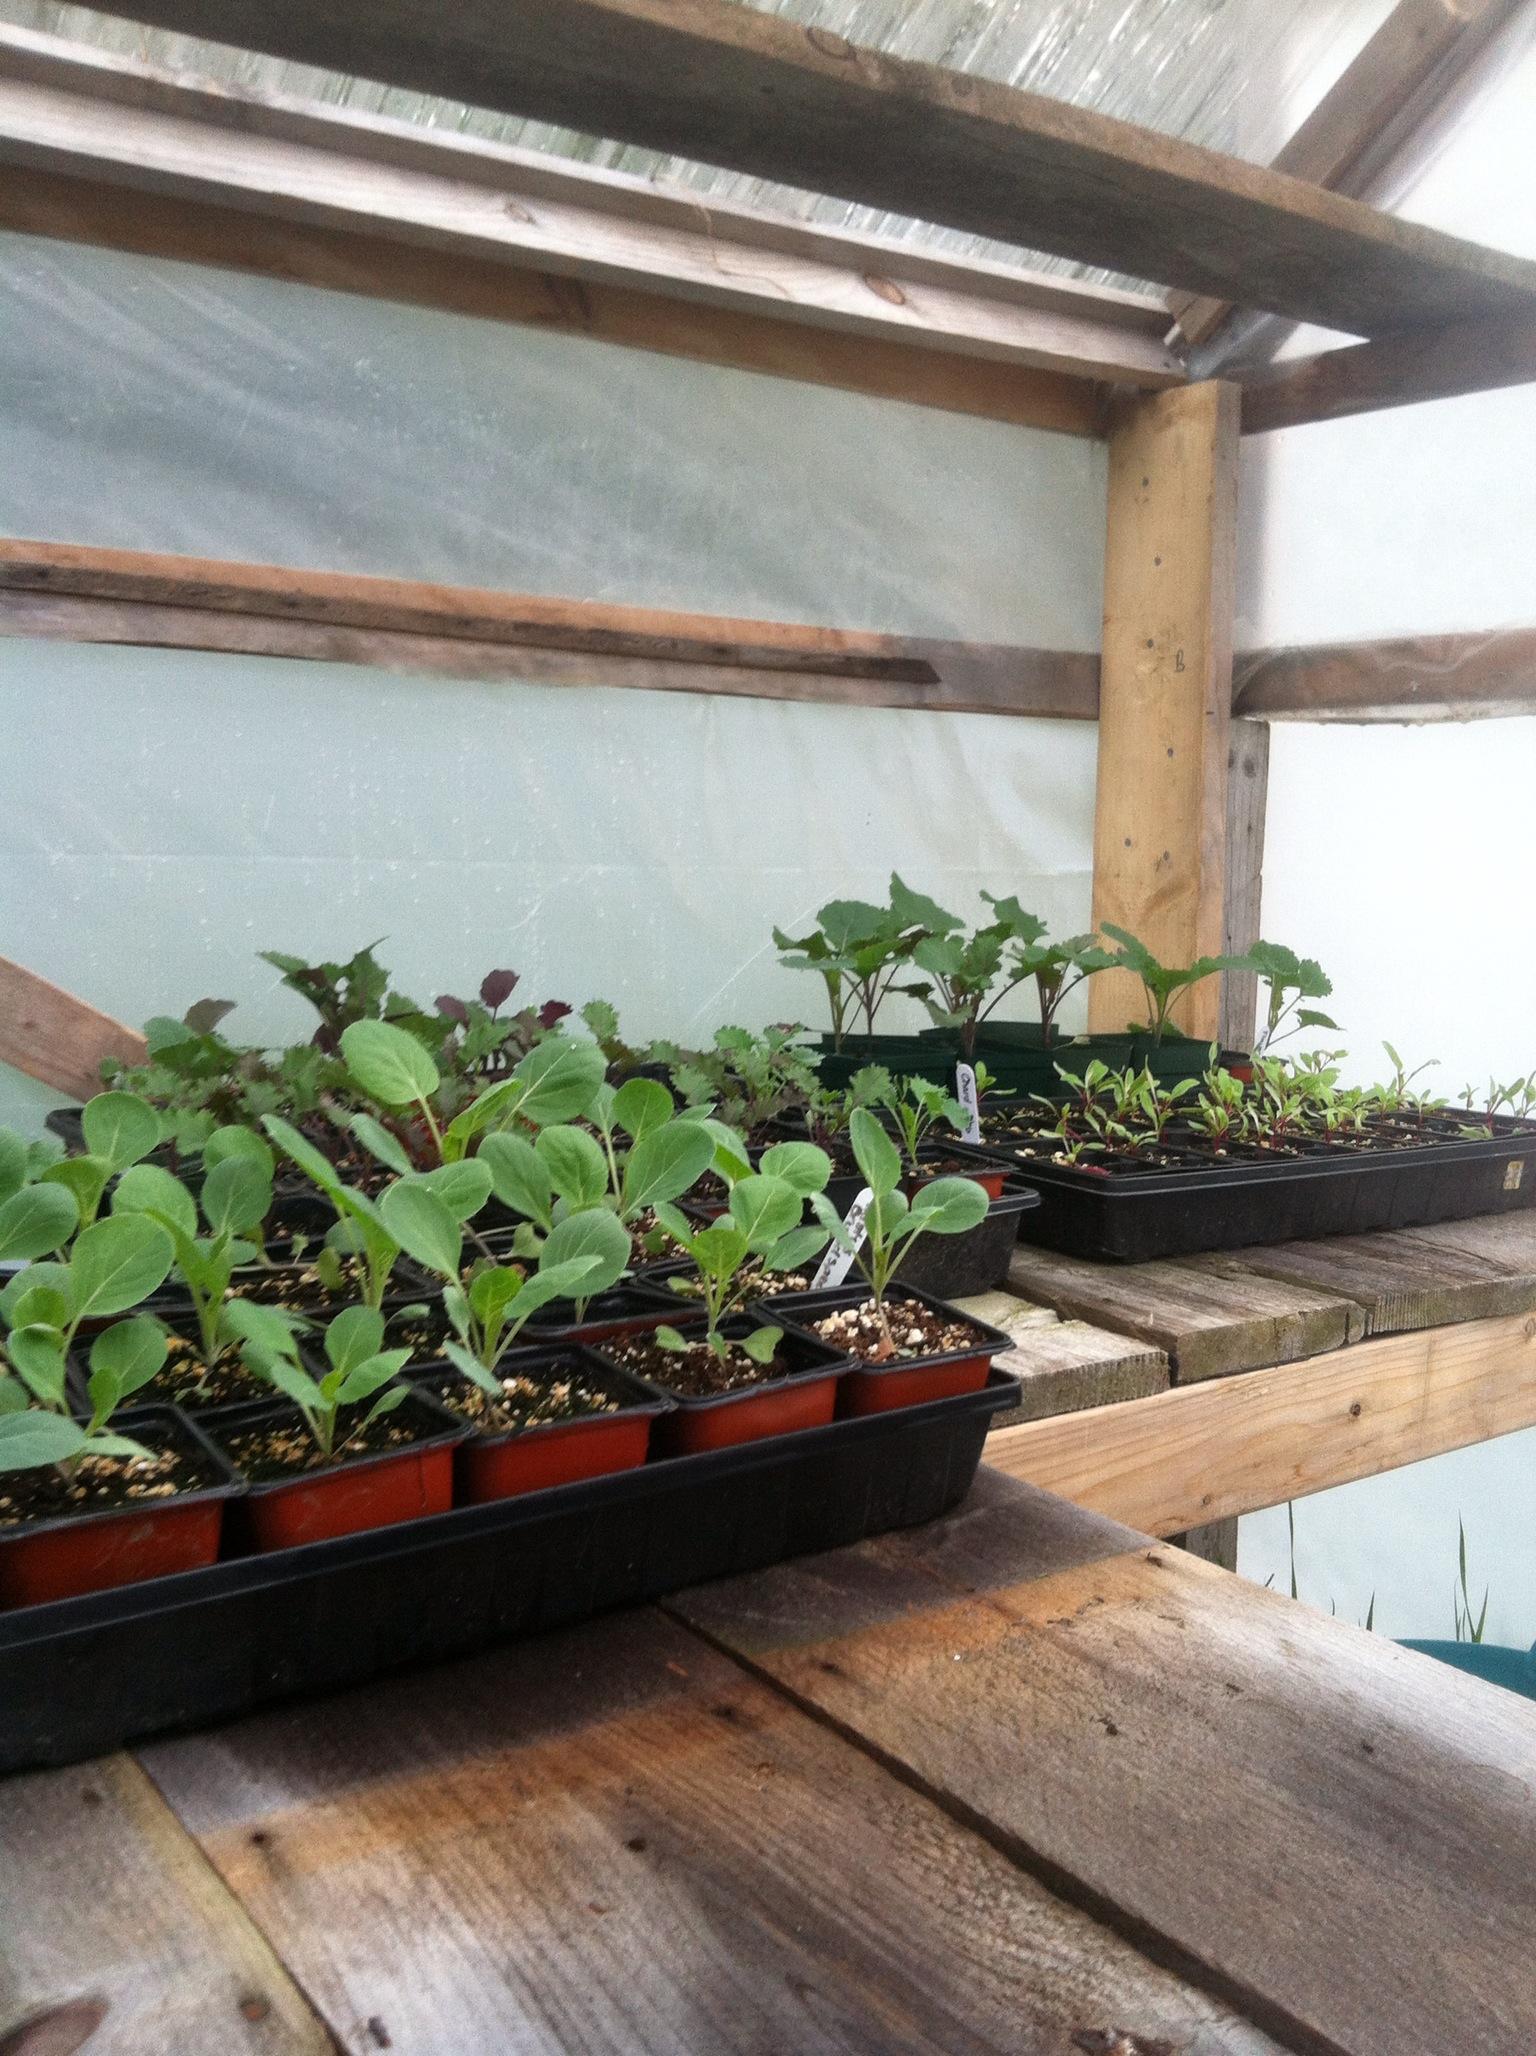 Seedlings in Greenhouse